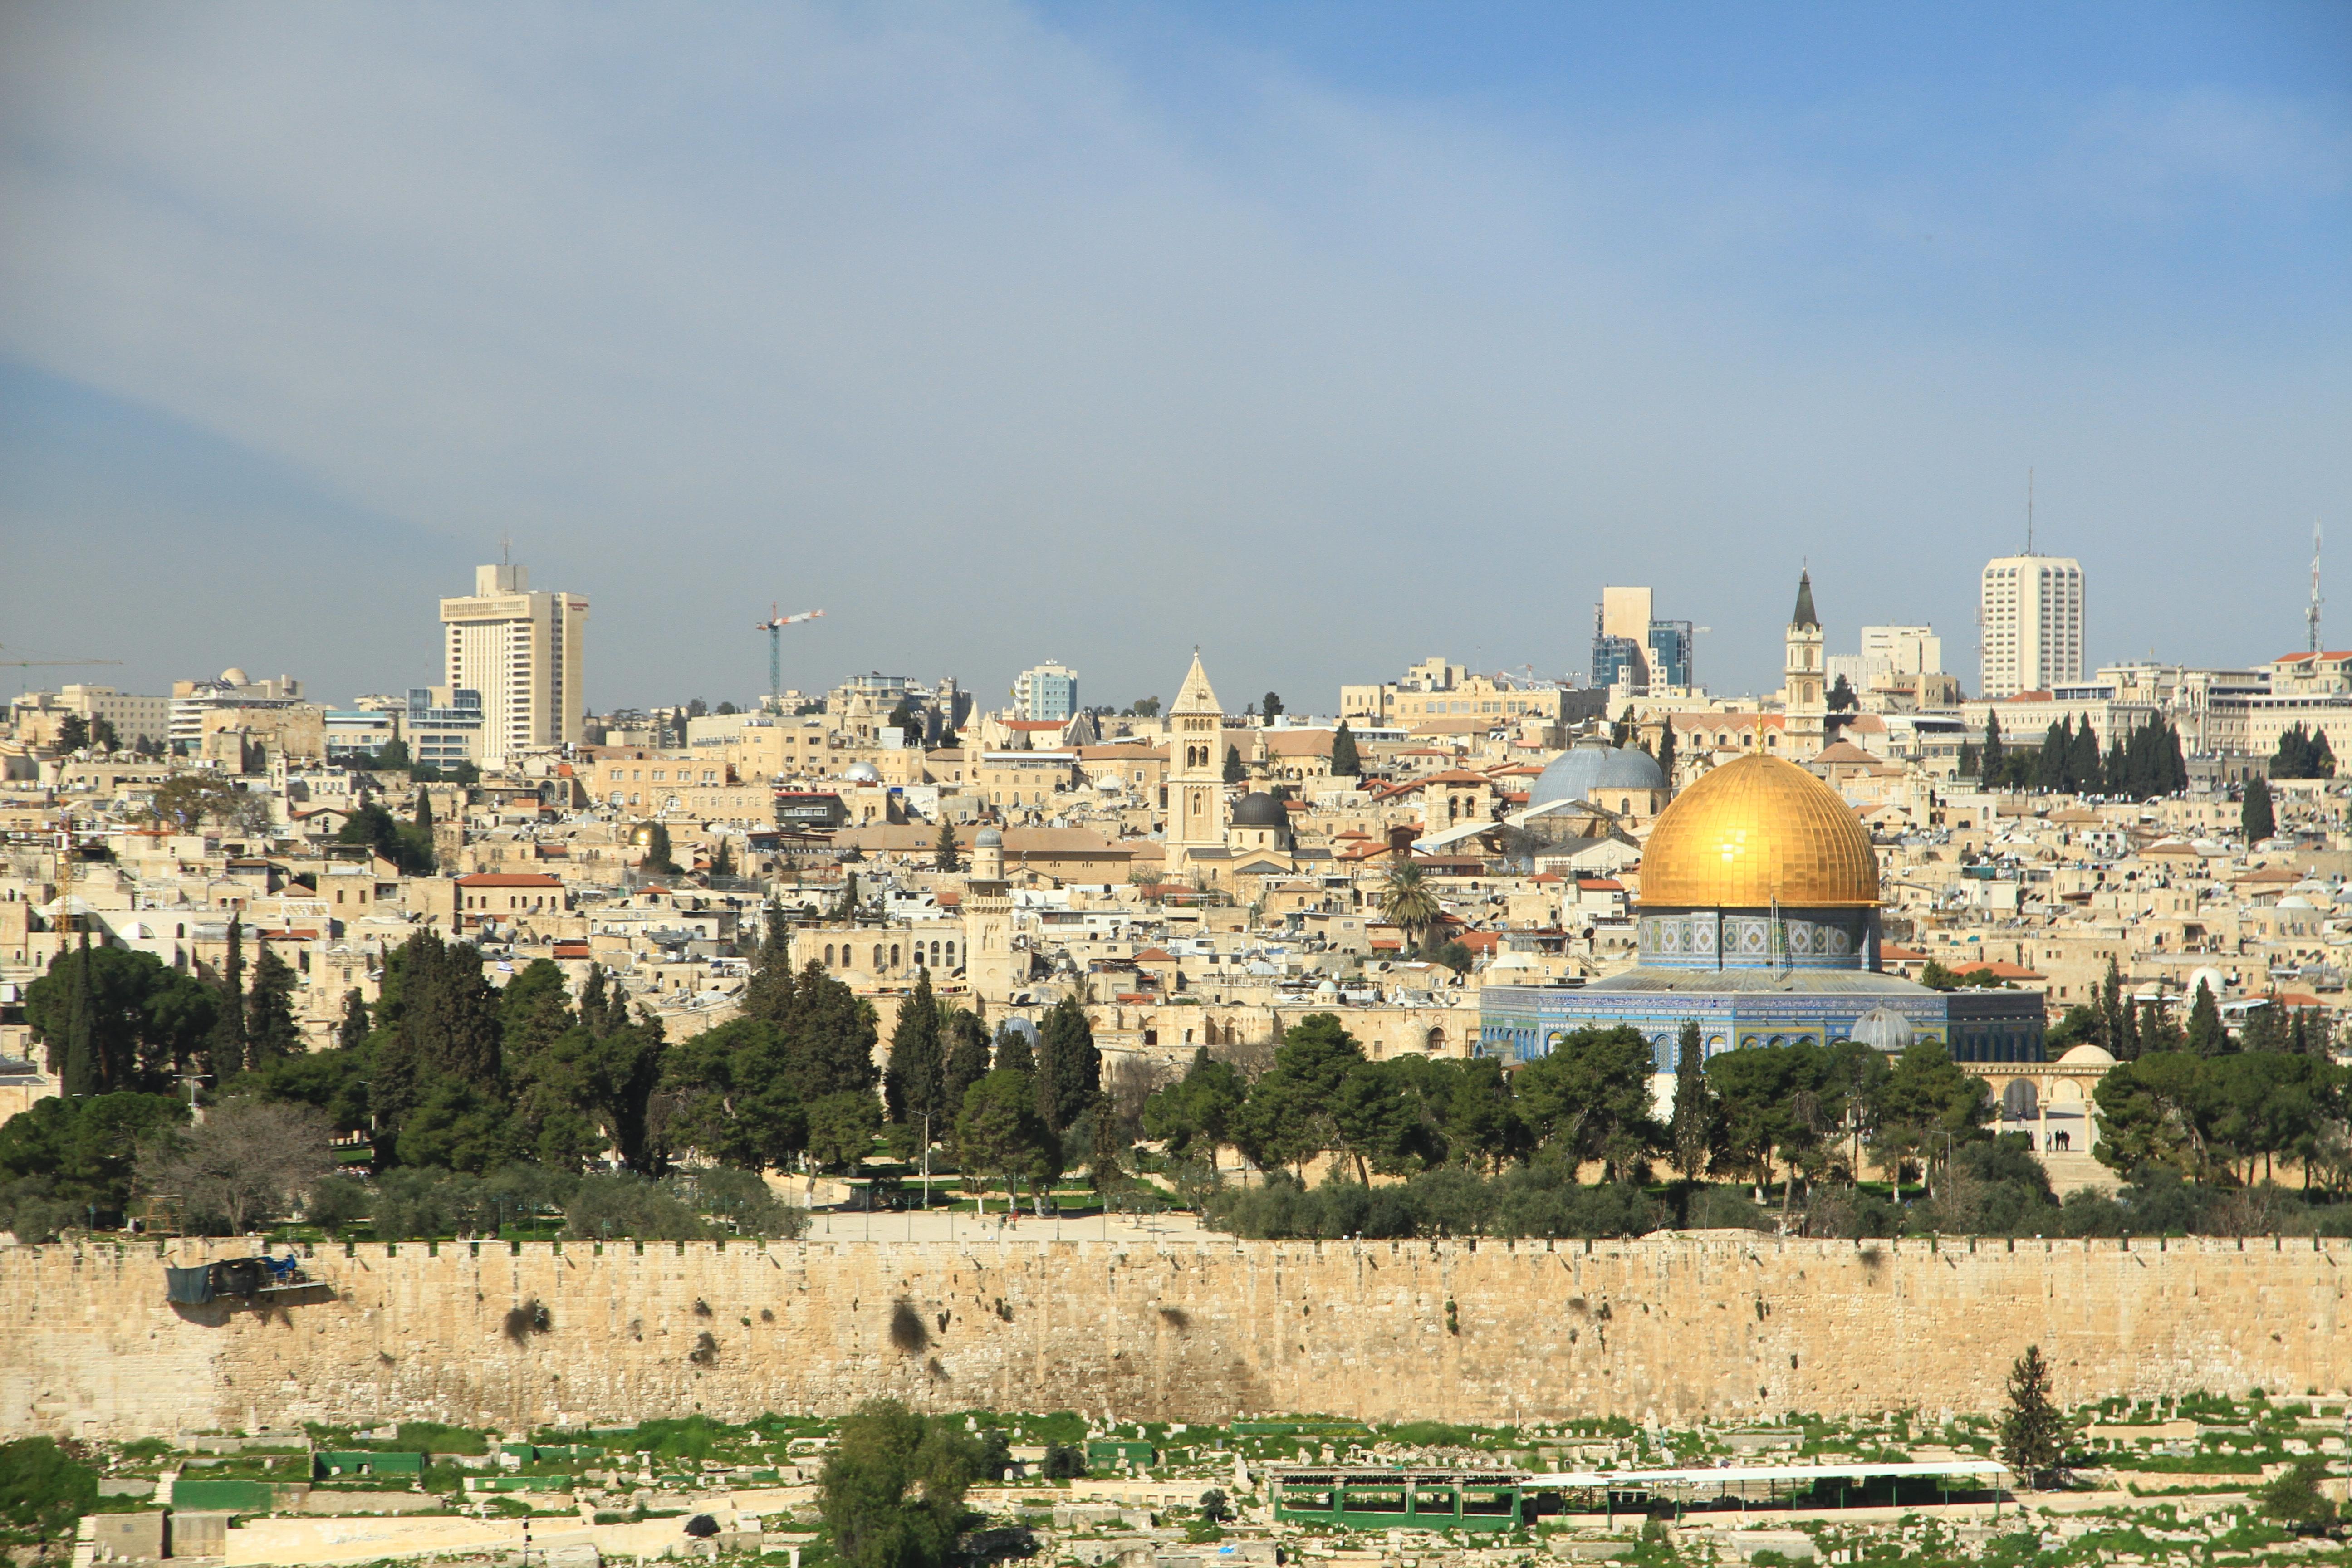 1、2019.3.5-14我们随团到以色列约旦旅游,先后游览了特拉维夫、海法、提比利亚、加利利湖、佩特拉、耶路撒冷、伯利恒以及地中海、红海和死海等地(以下照片未按时间顺序排列)